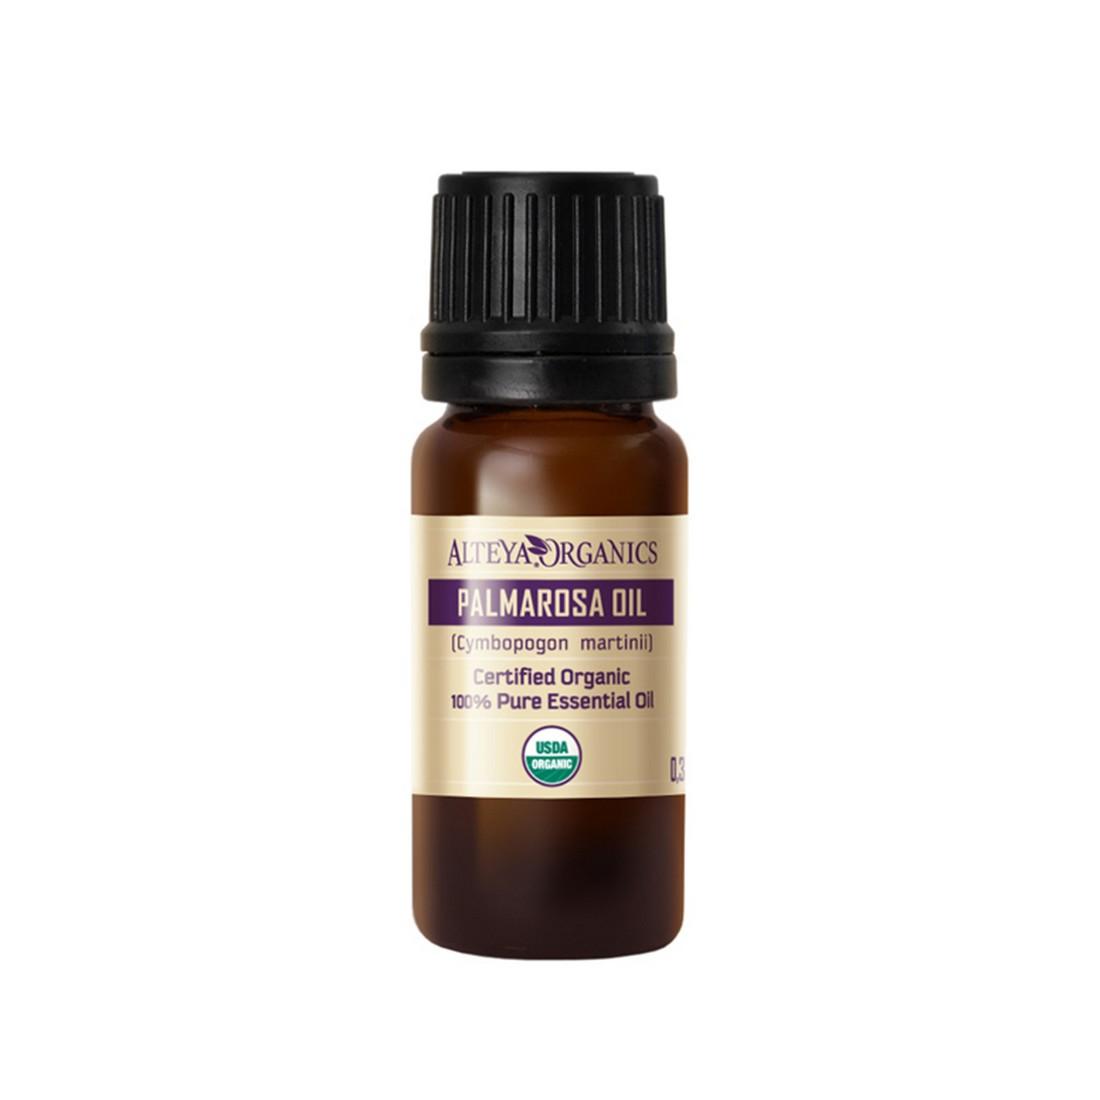 Био органично етерично масло от палмароза Alteya Organics 10 мл.